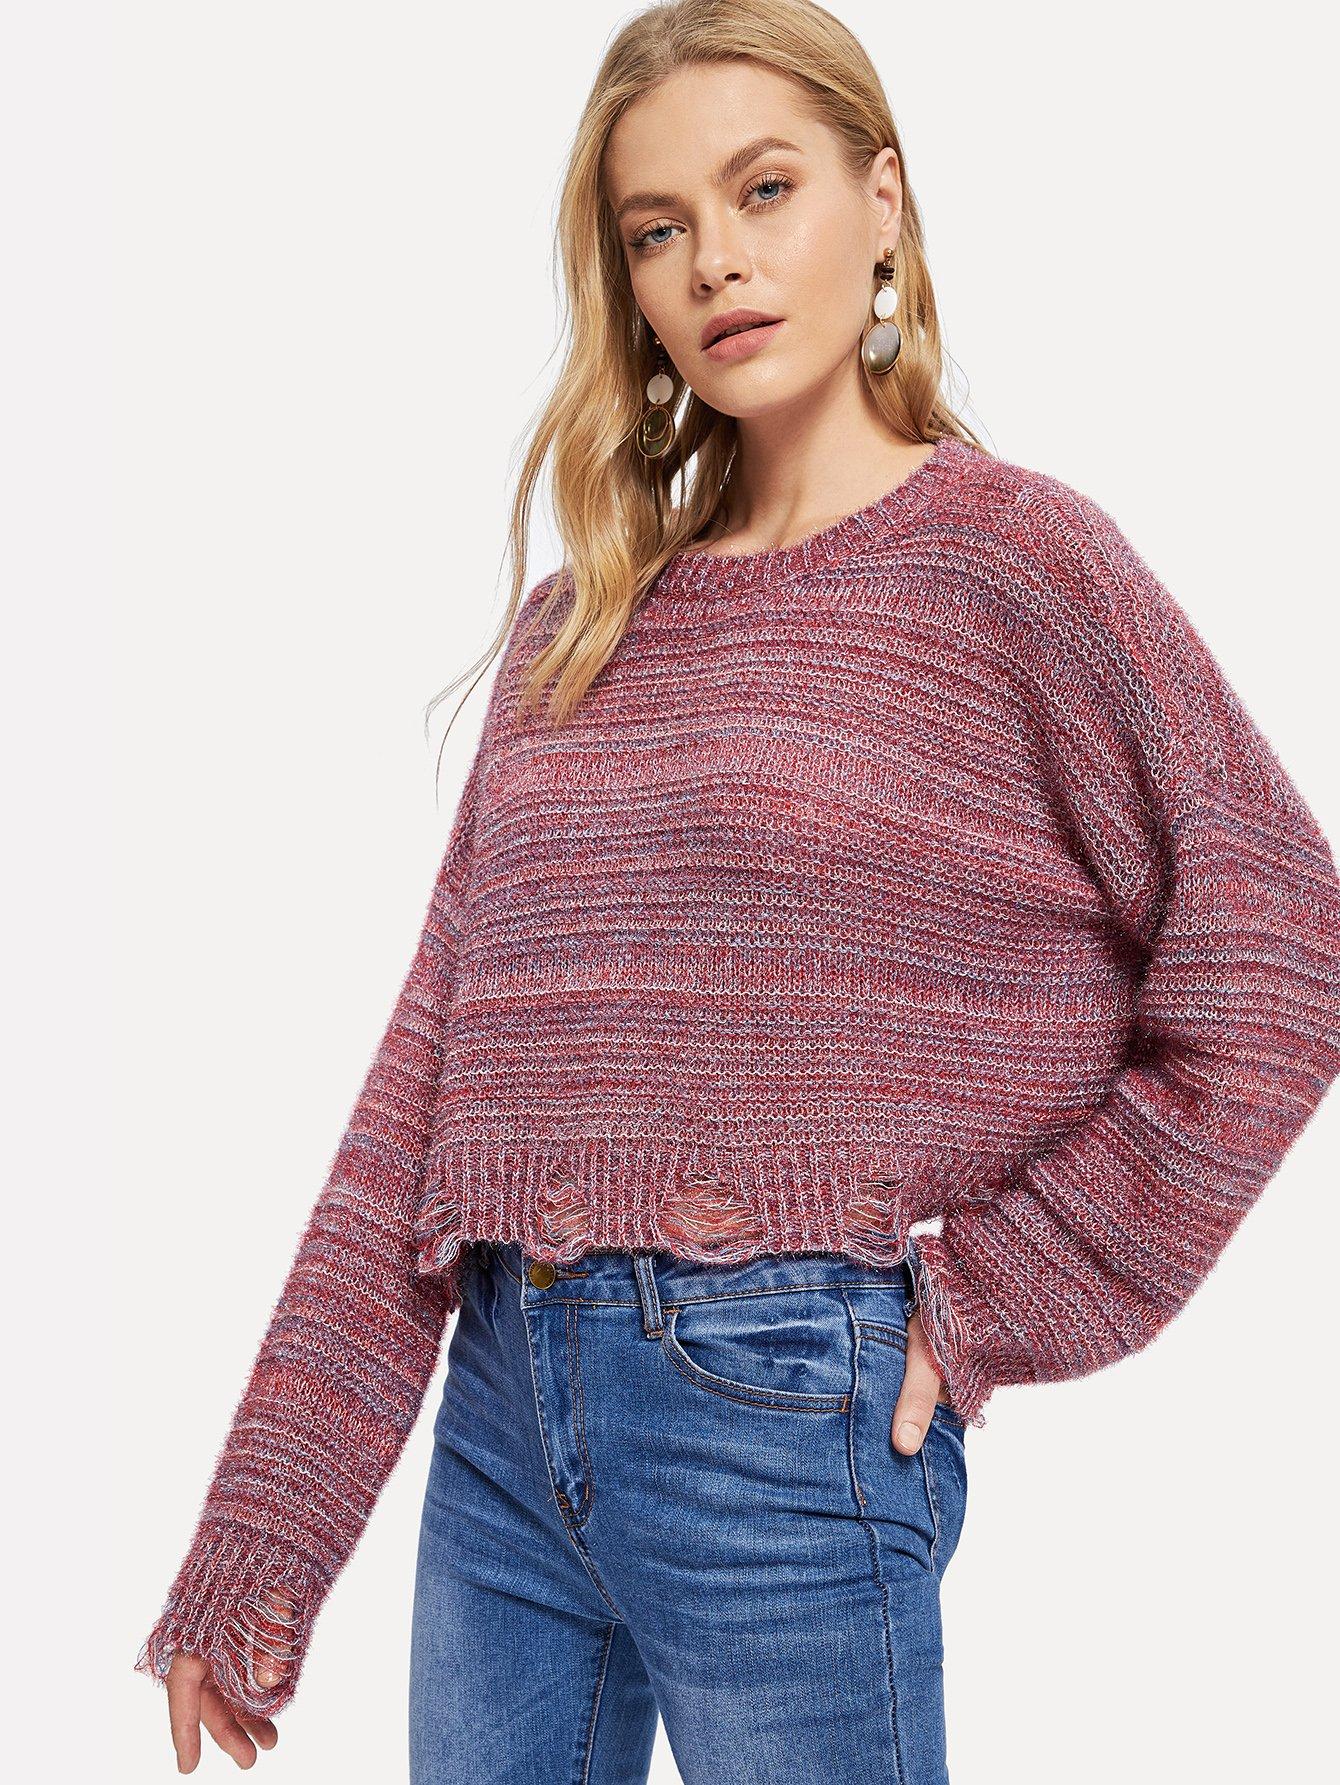 Купить Рваный свитер с заниженной линией плеч, Kate C, SheIn